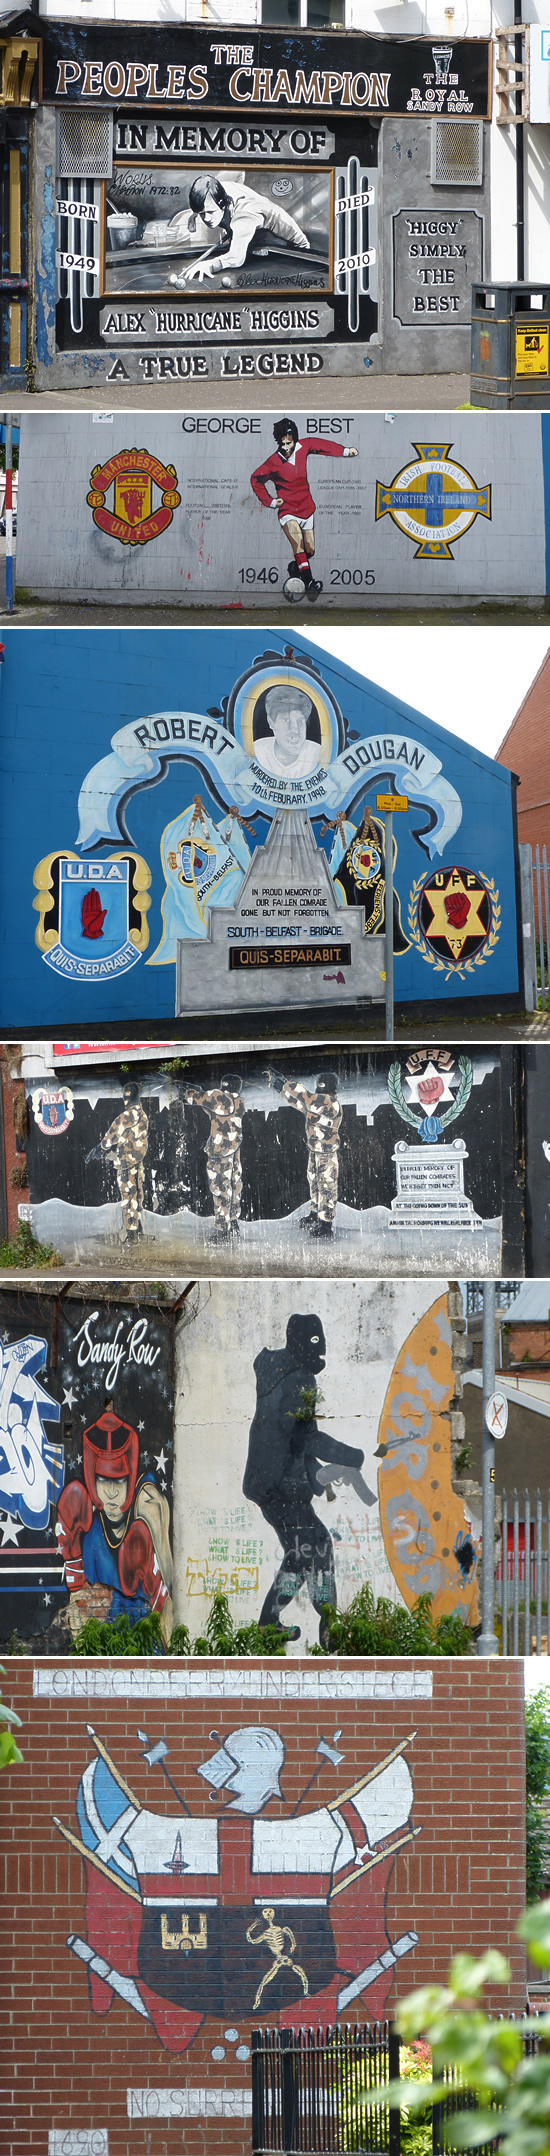 Belfastmurals01 jpg